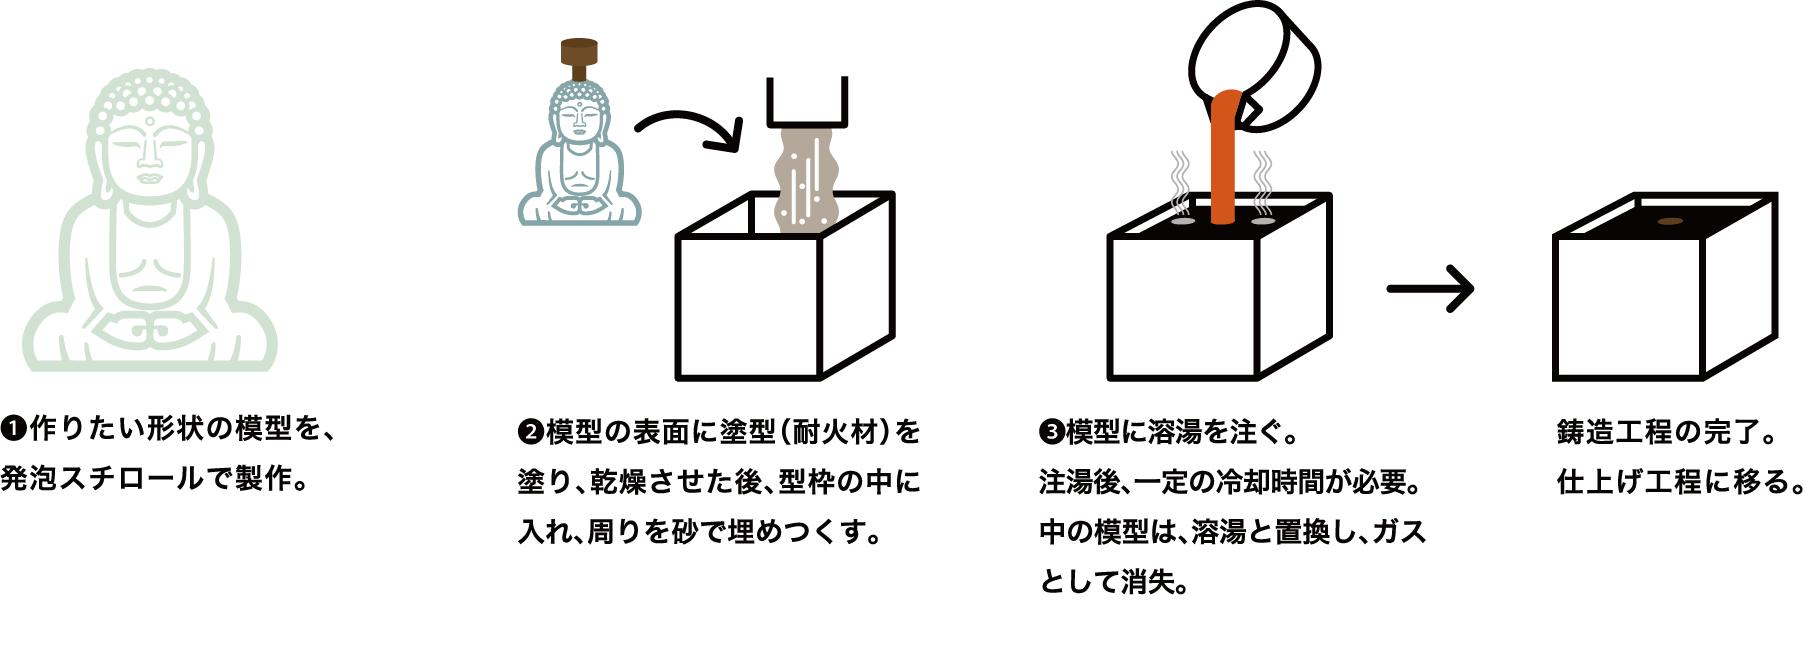 消失鋳造工程画像